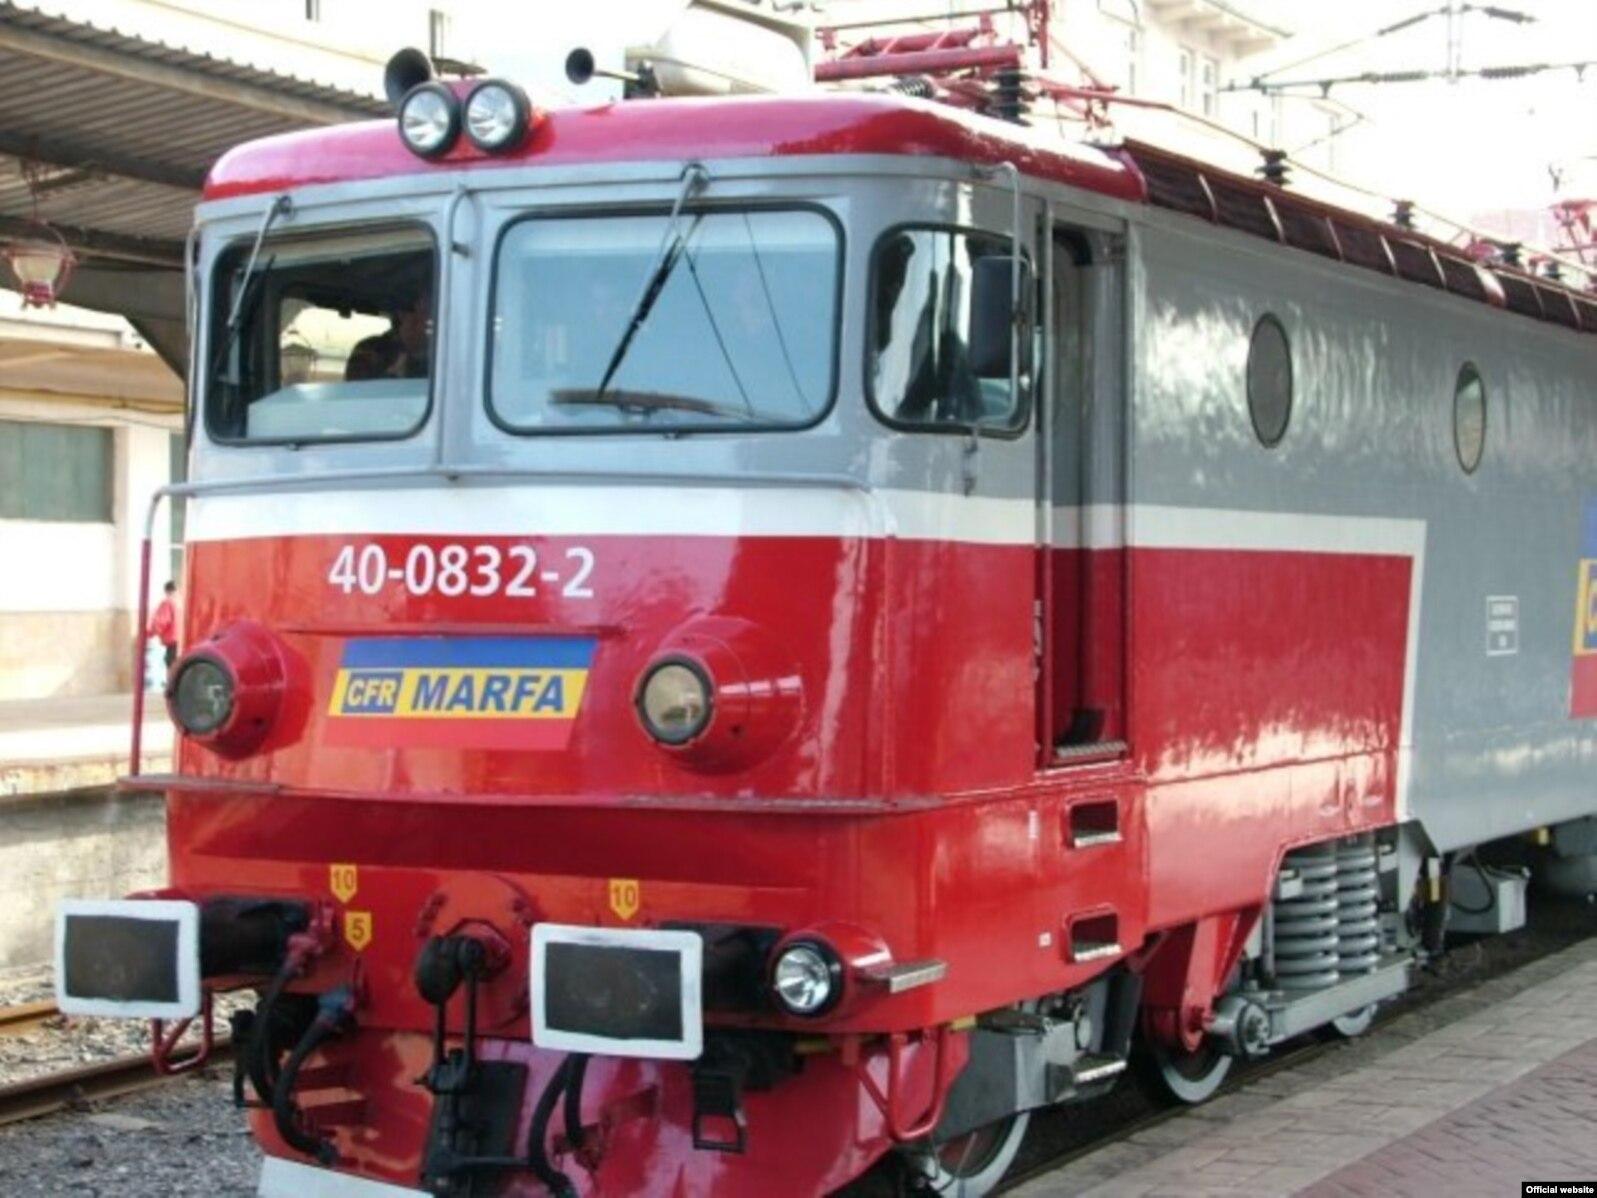 CFR Marfă deține trei tipuri de locomotive după modul de funcționare: Diesel-hidraulică, Diesel-electrică și electrică în întregime